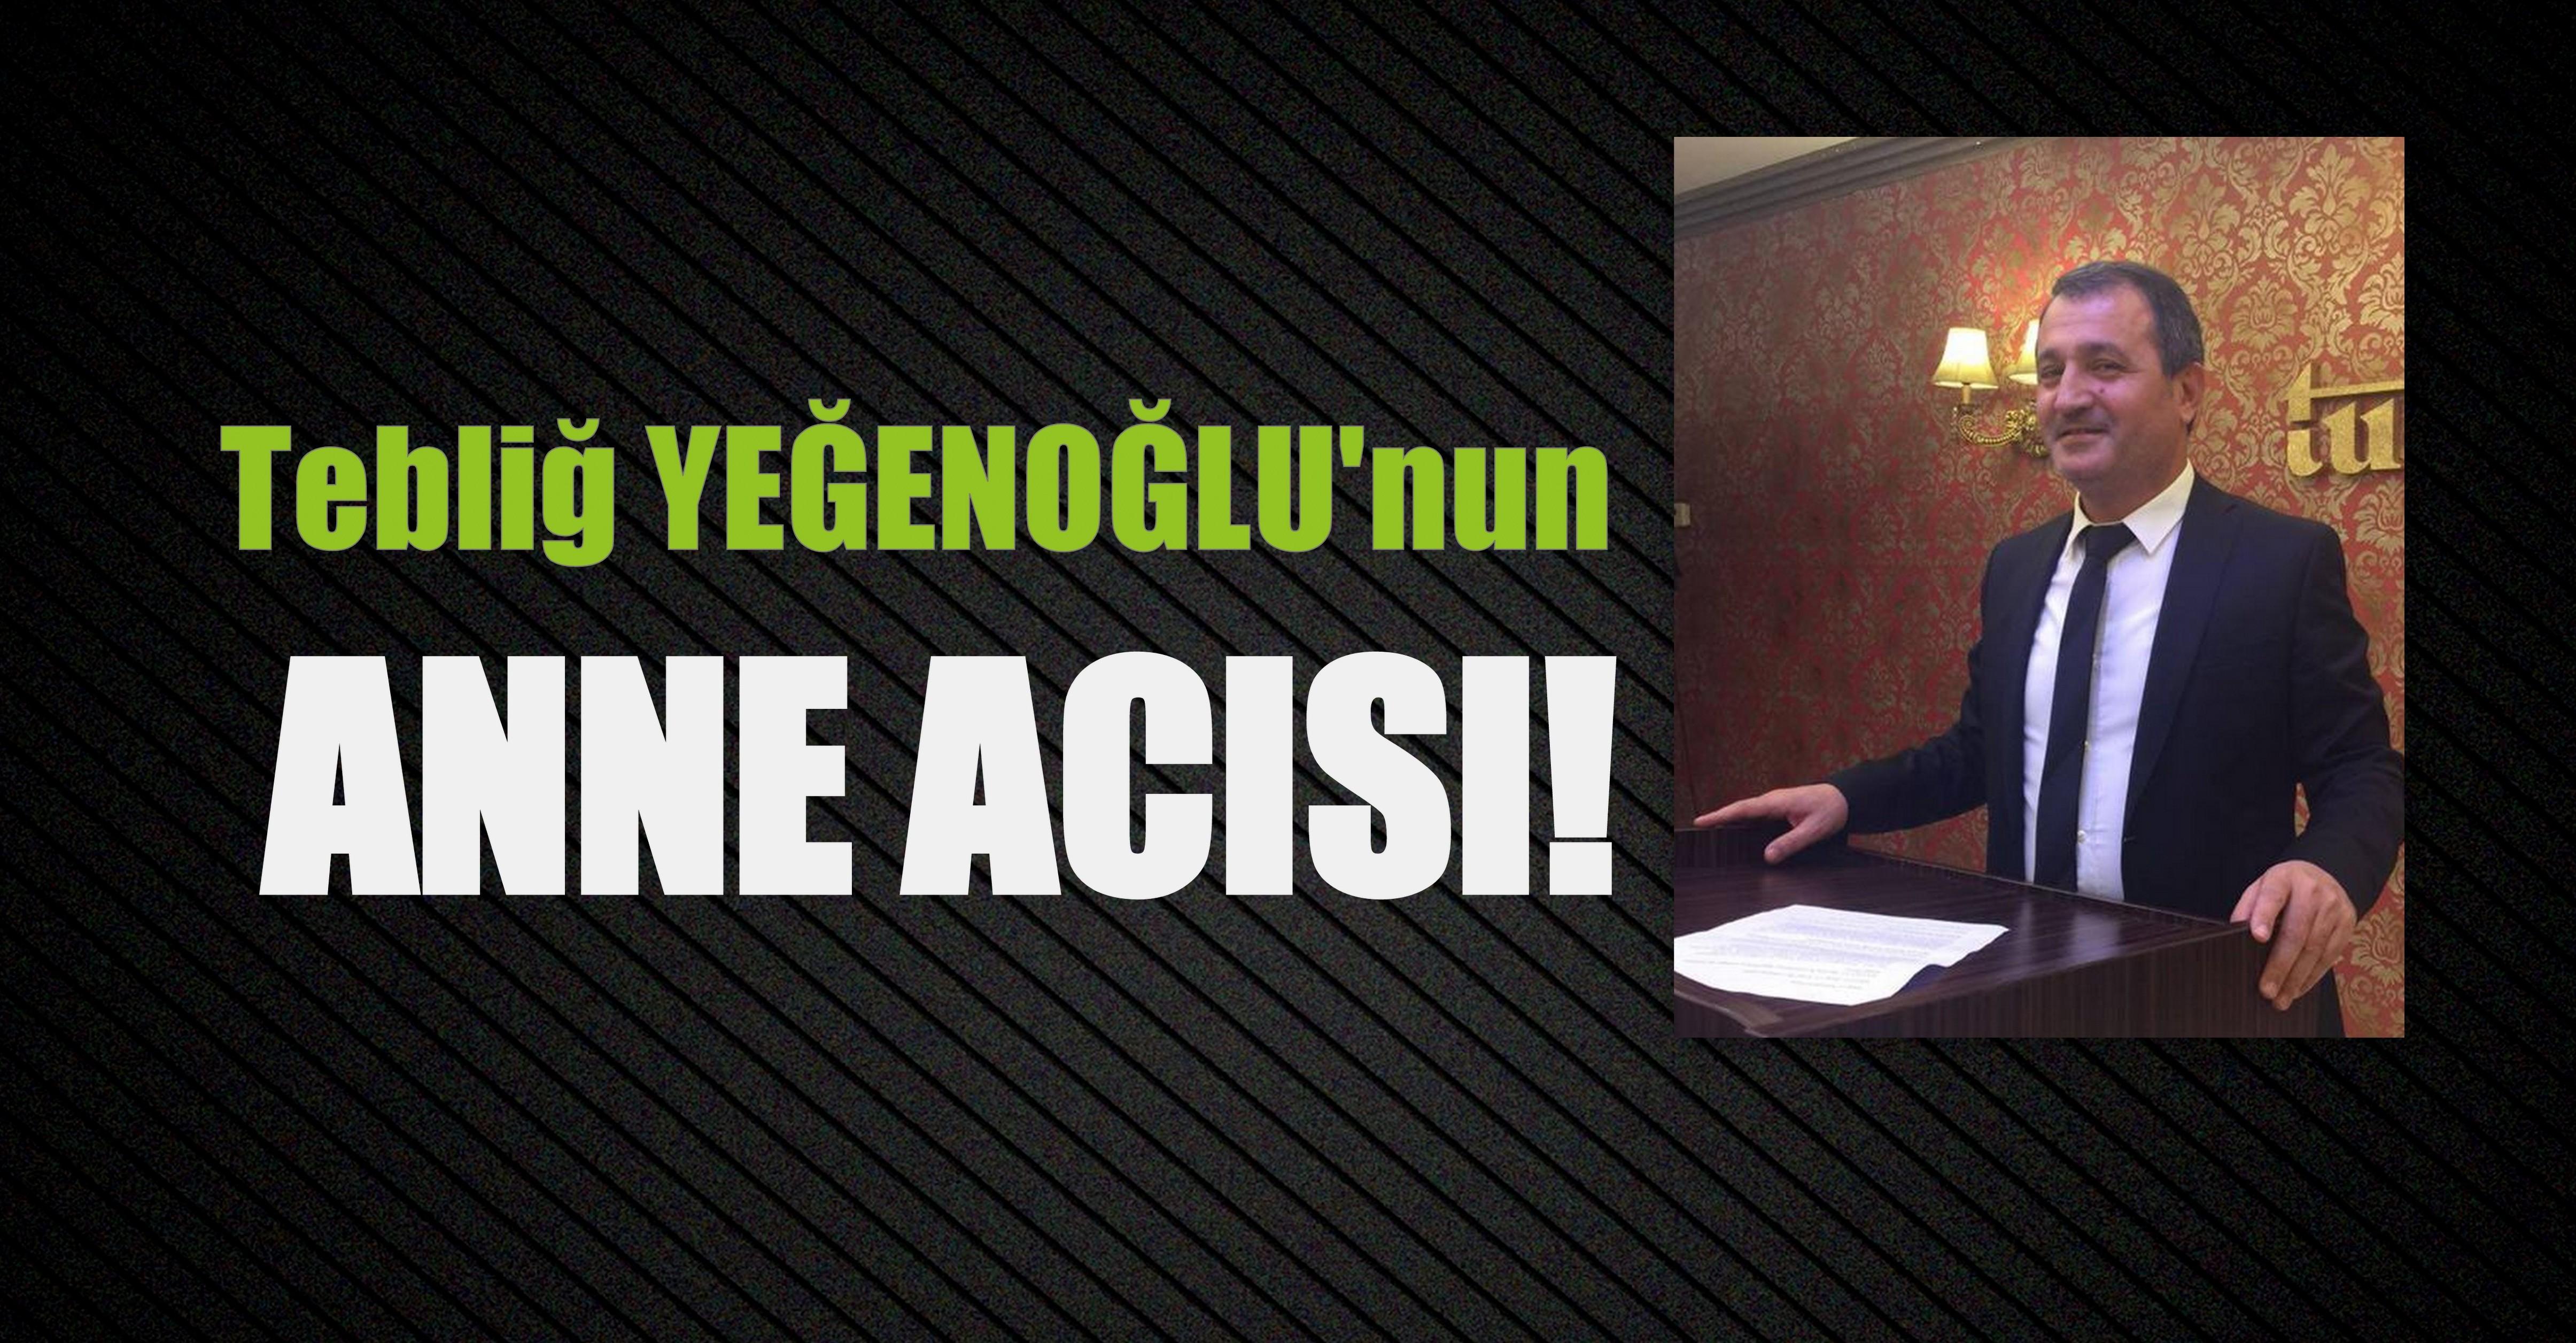 YEĞENOĞLU AİLESİNİN ACI GÜNÜ!..